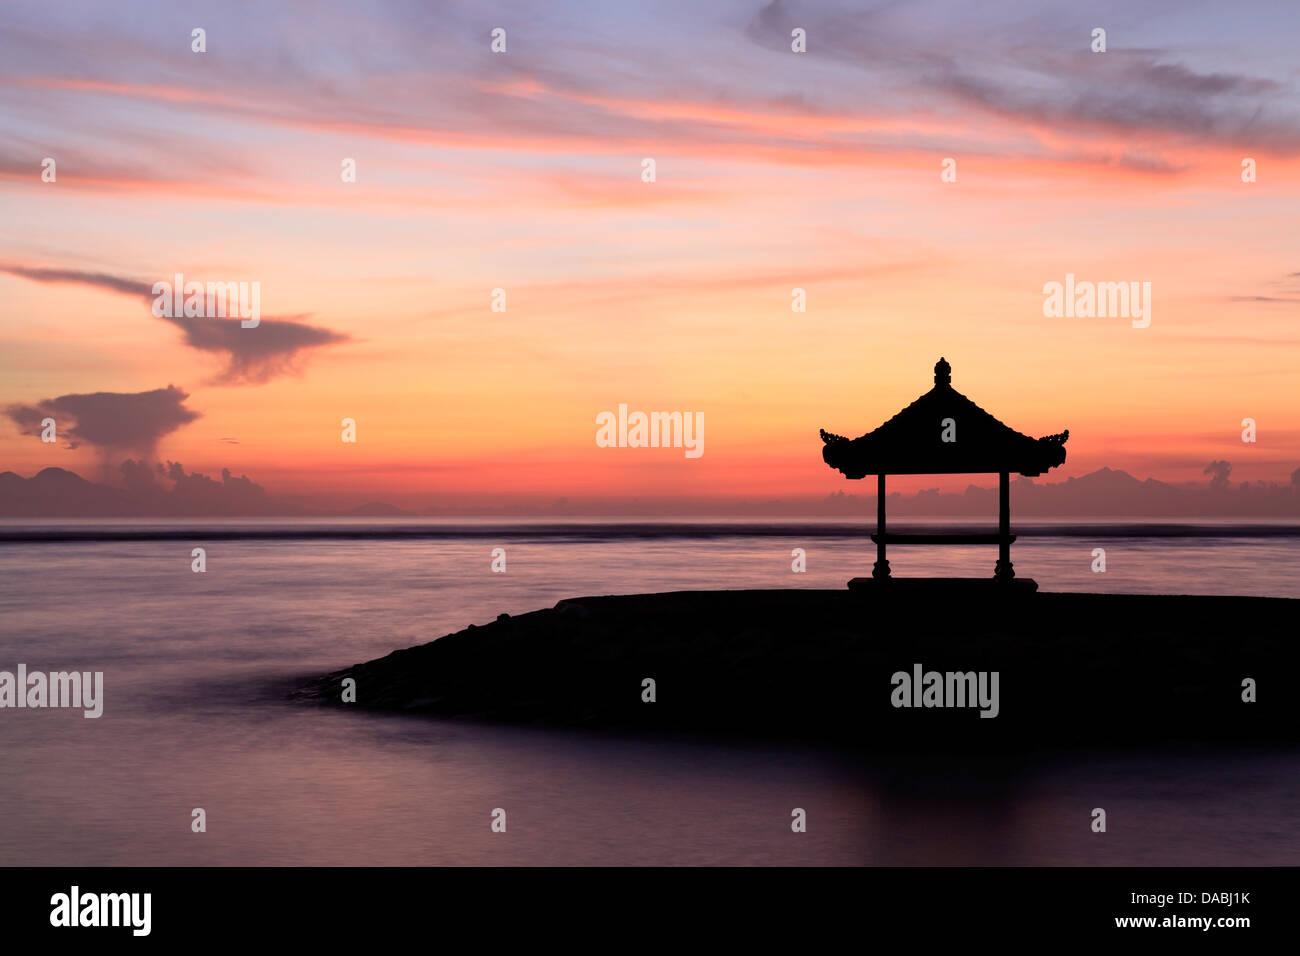 balinese-pagoda-on-the-beach-at-sanur-ba